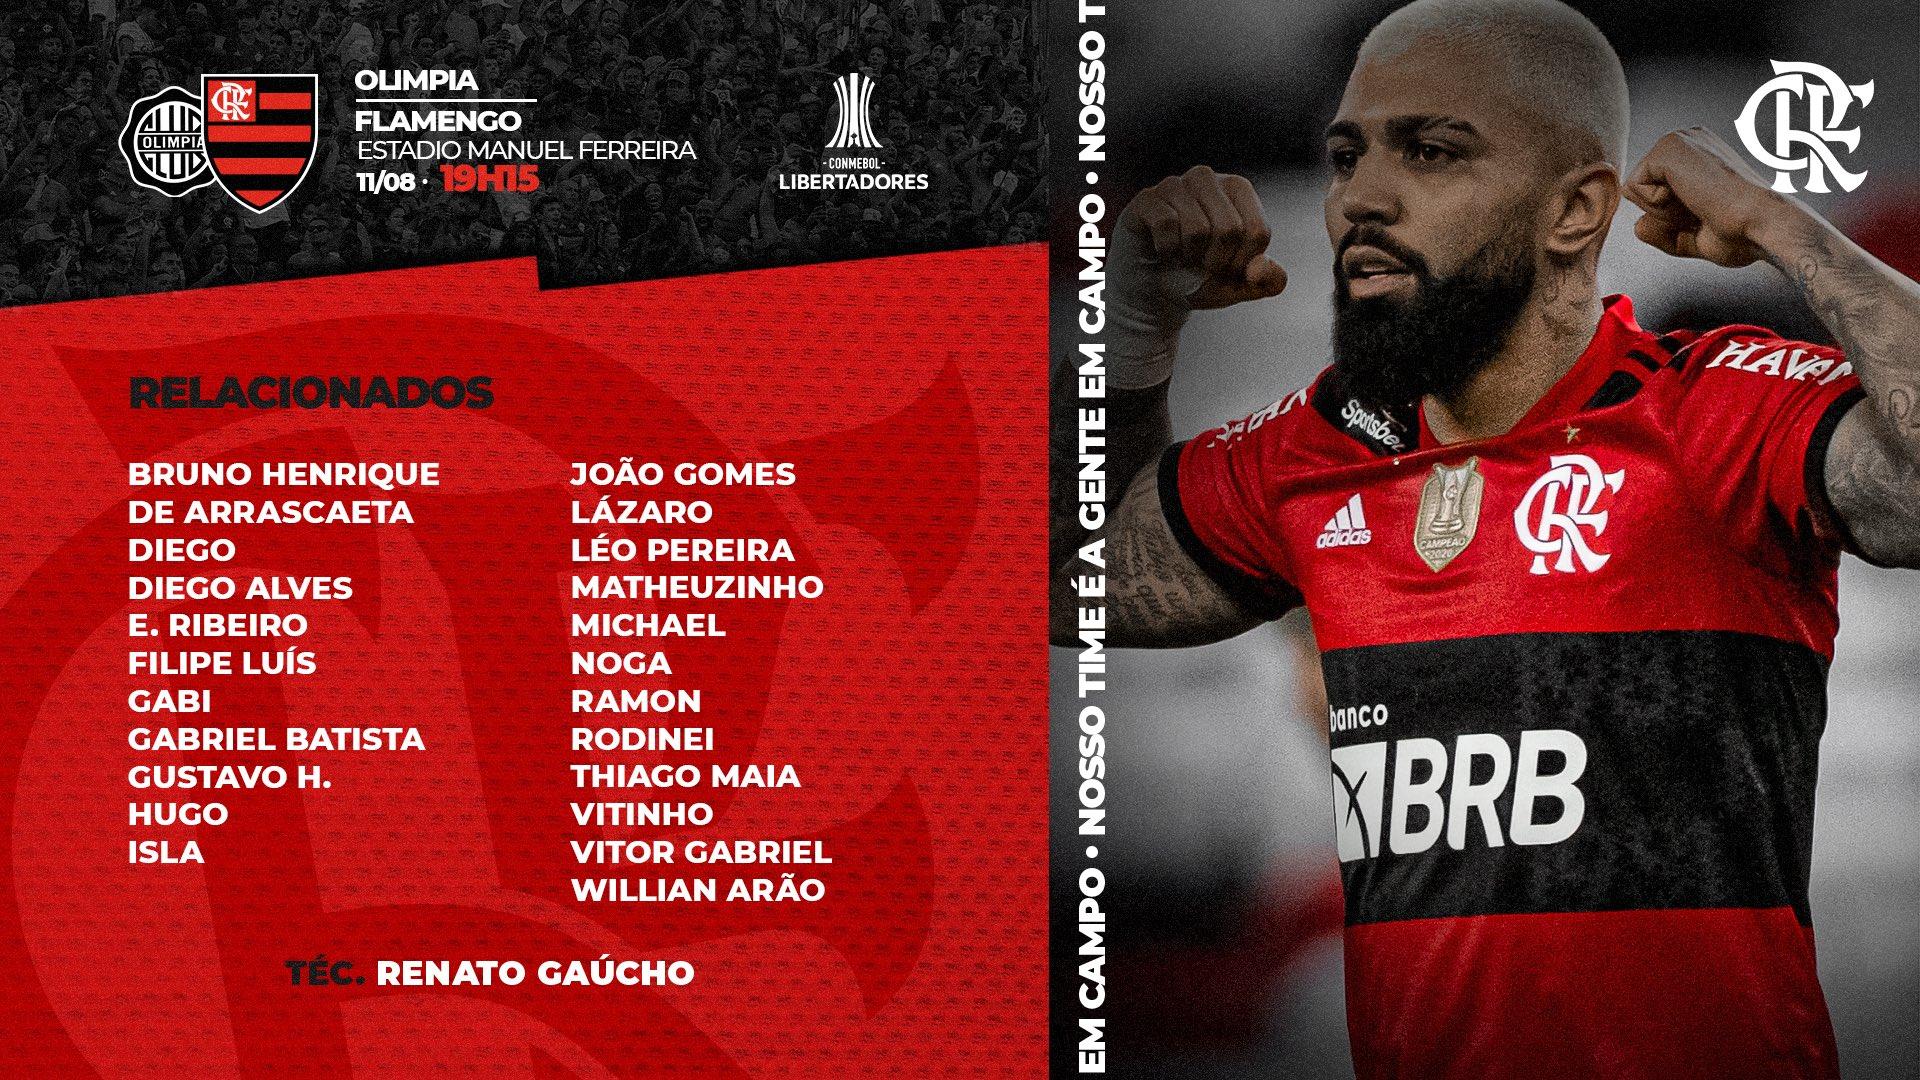 Lista de relacionados do Flamengo